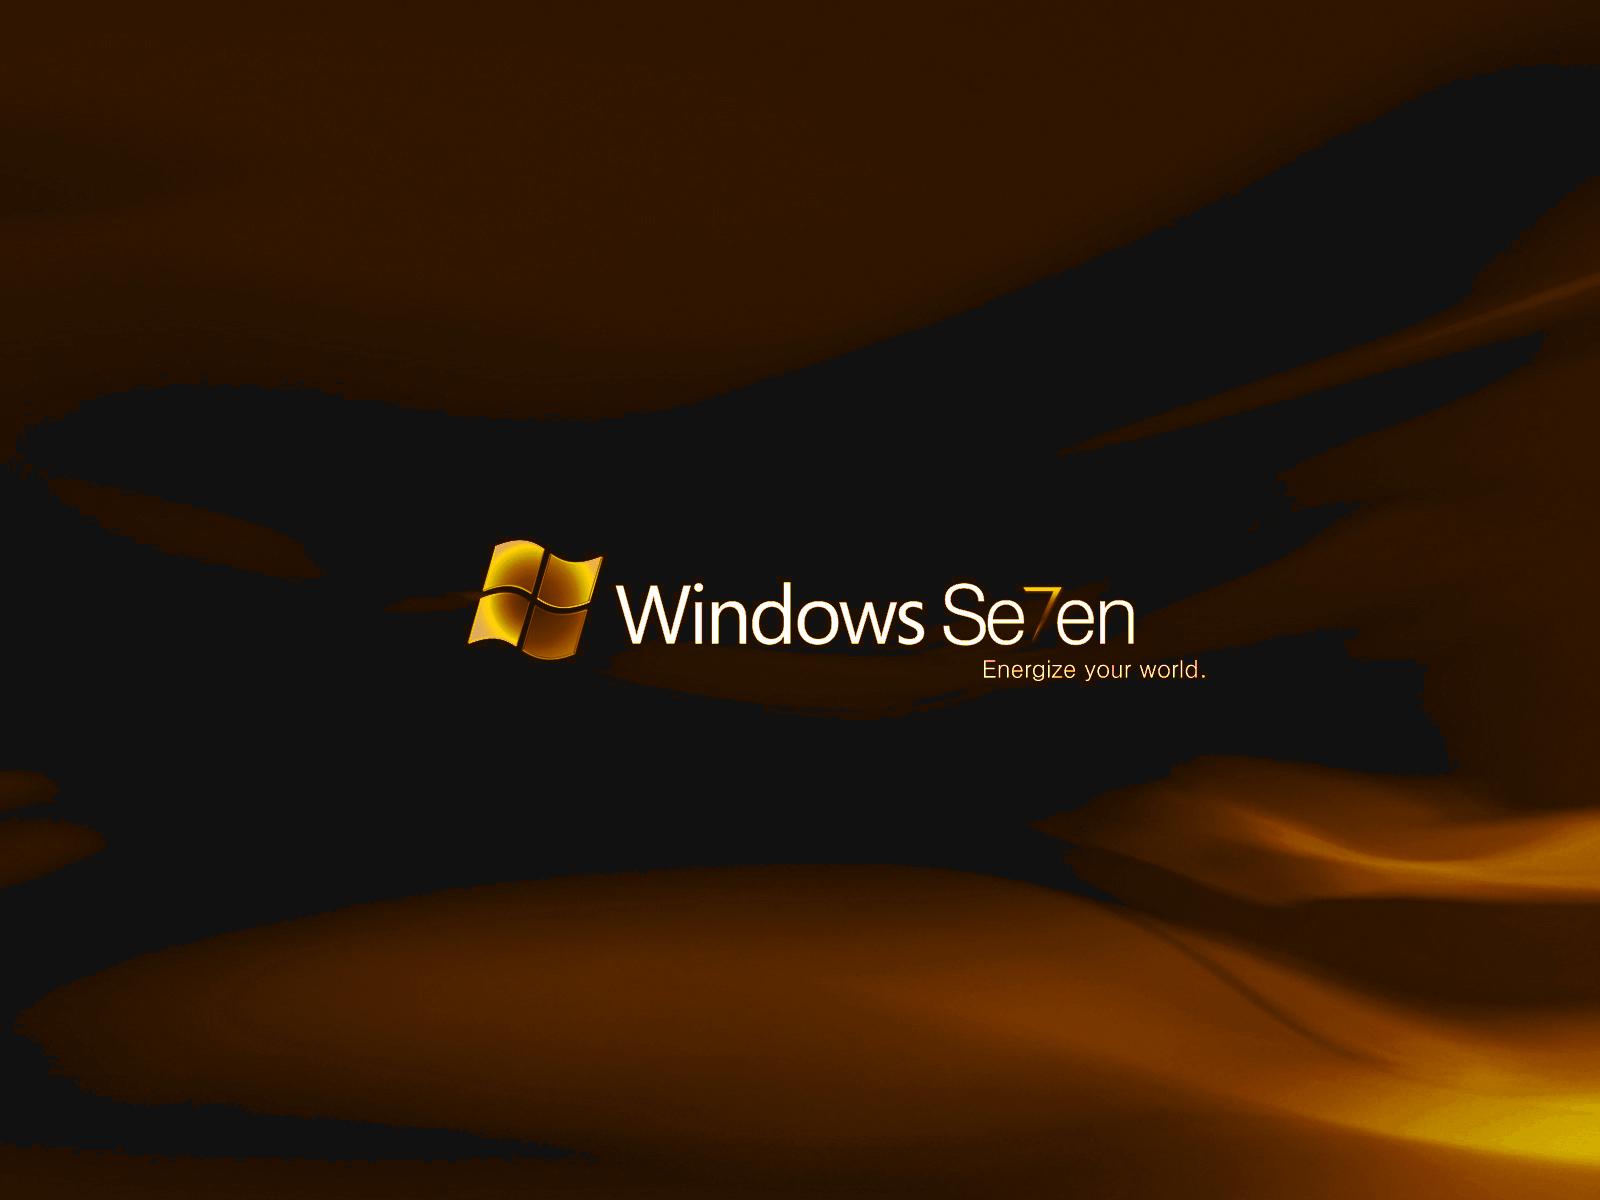 windows wallpaper changer 1 2f windows 7 starter wallpaper changer 1600x1200